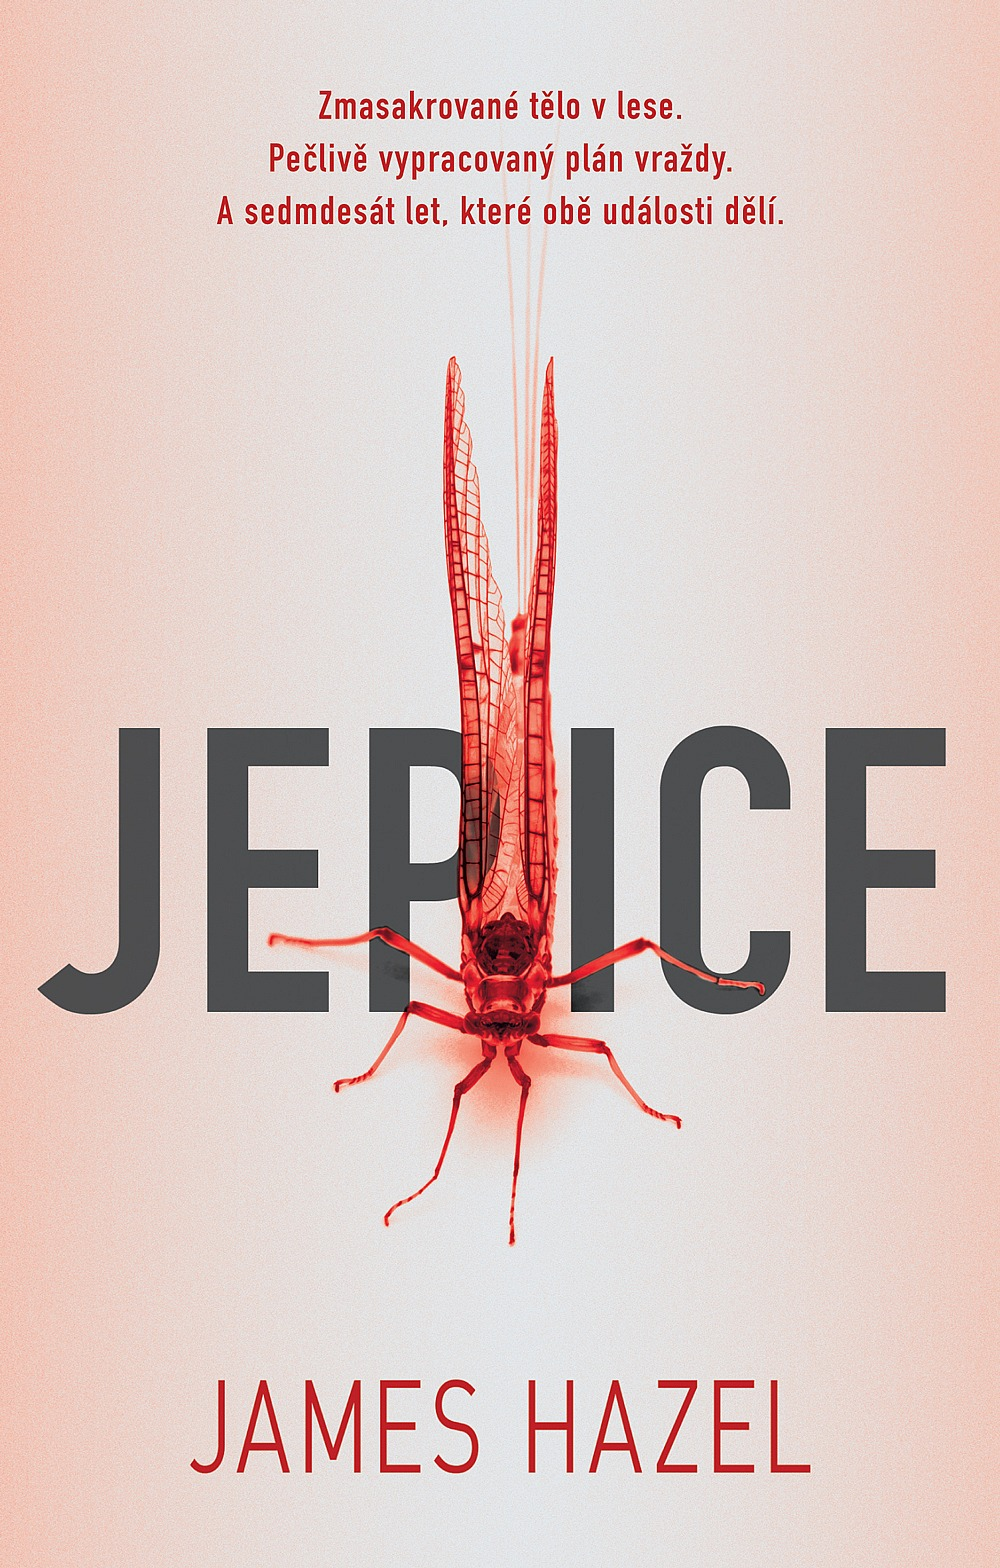 big_jepice-Y55-365461